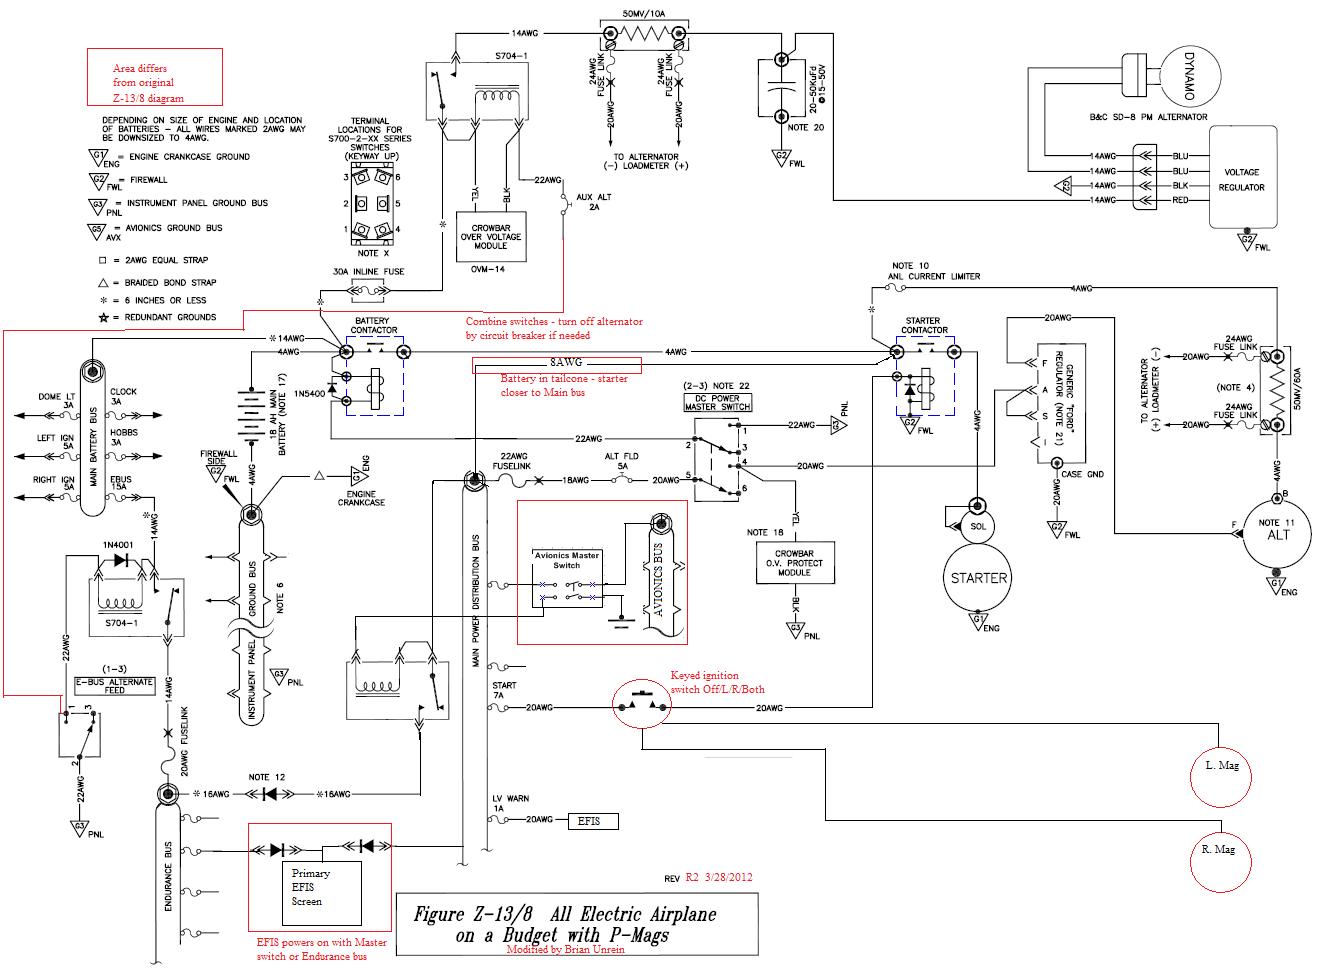 avionics wiring diagrams baxi megaflo diagram cessna 172 schematic